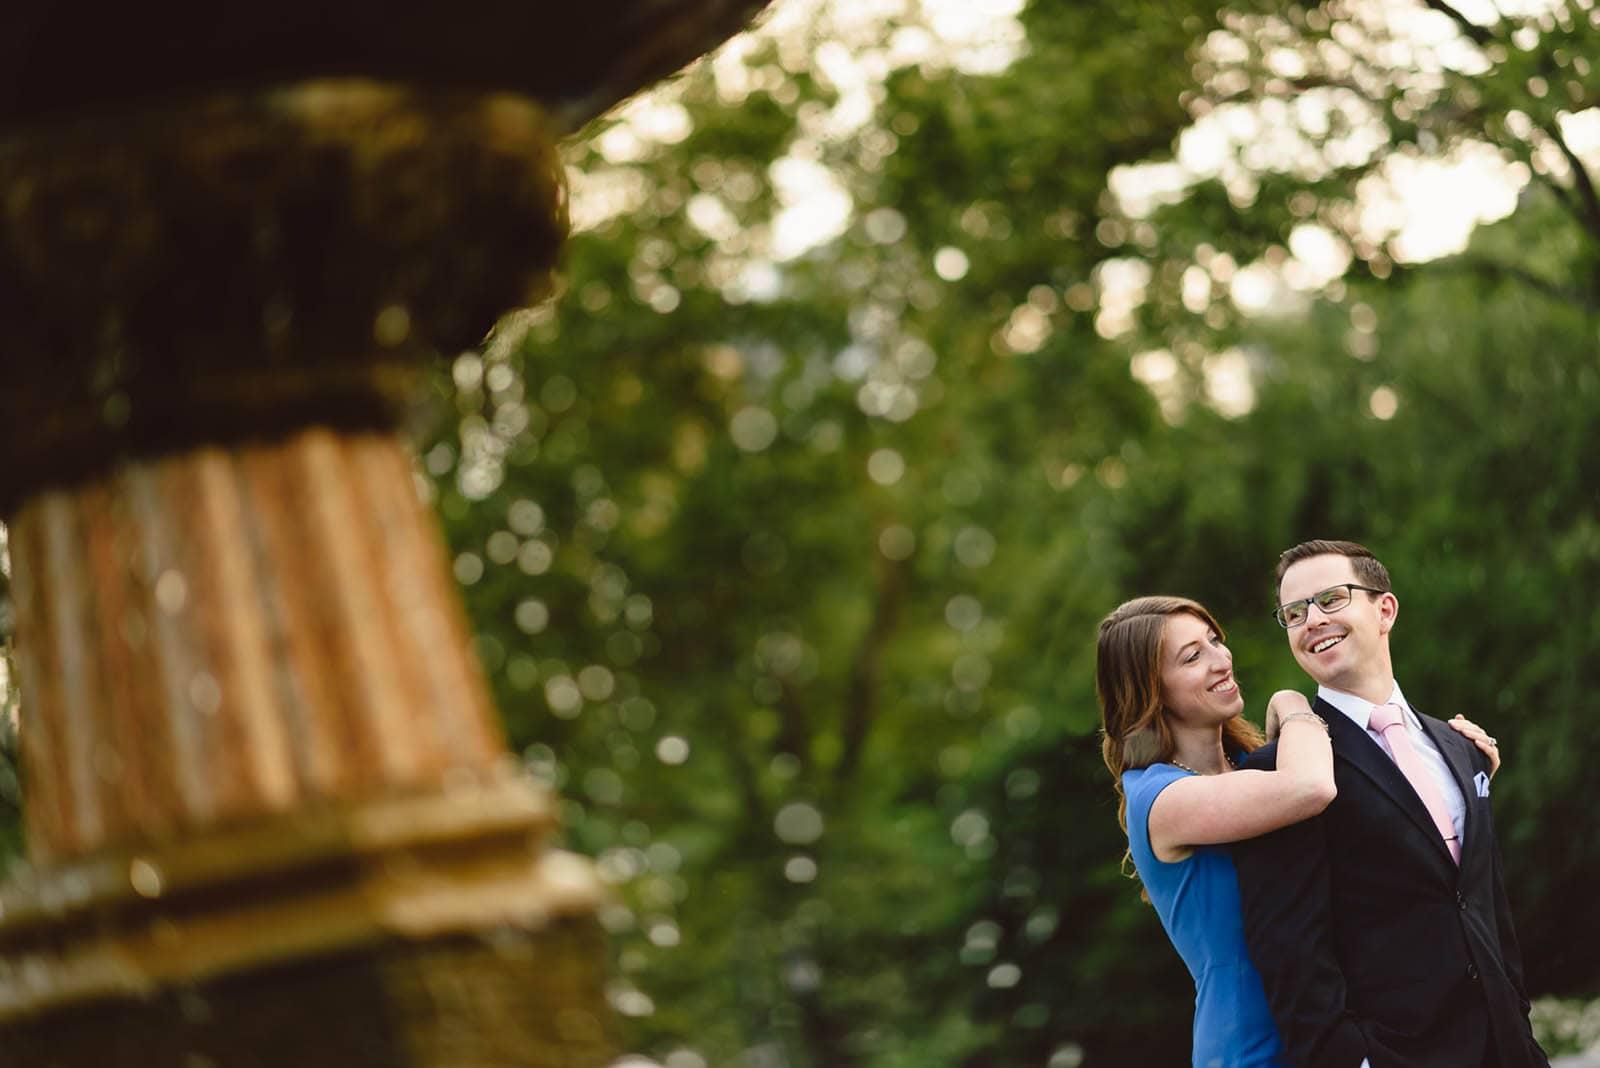 Central Park Engagement portrait